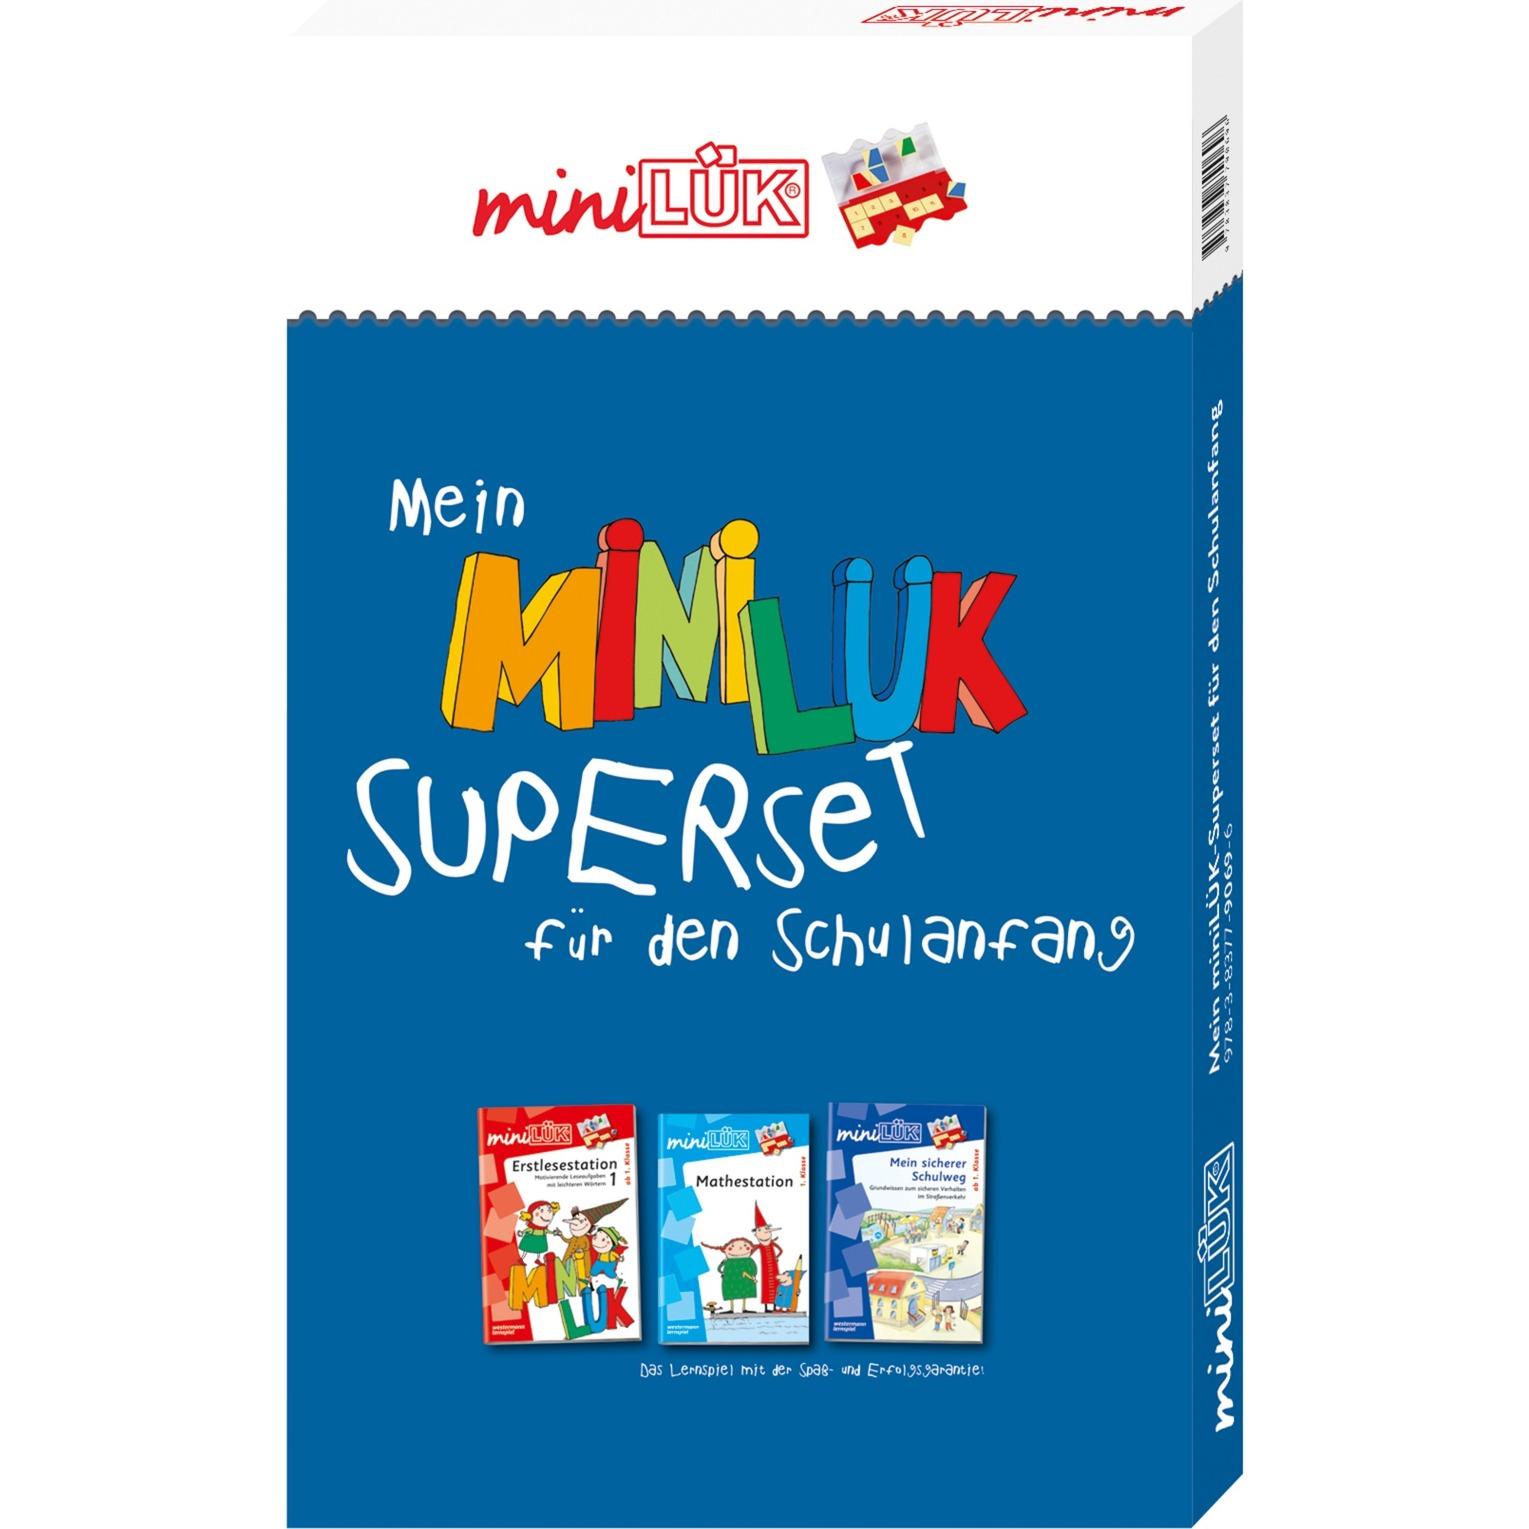 schulbeginn-deutsch-mathematik-verkehrserziehung-bornebog-bog-til-indlaring-skolebog